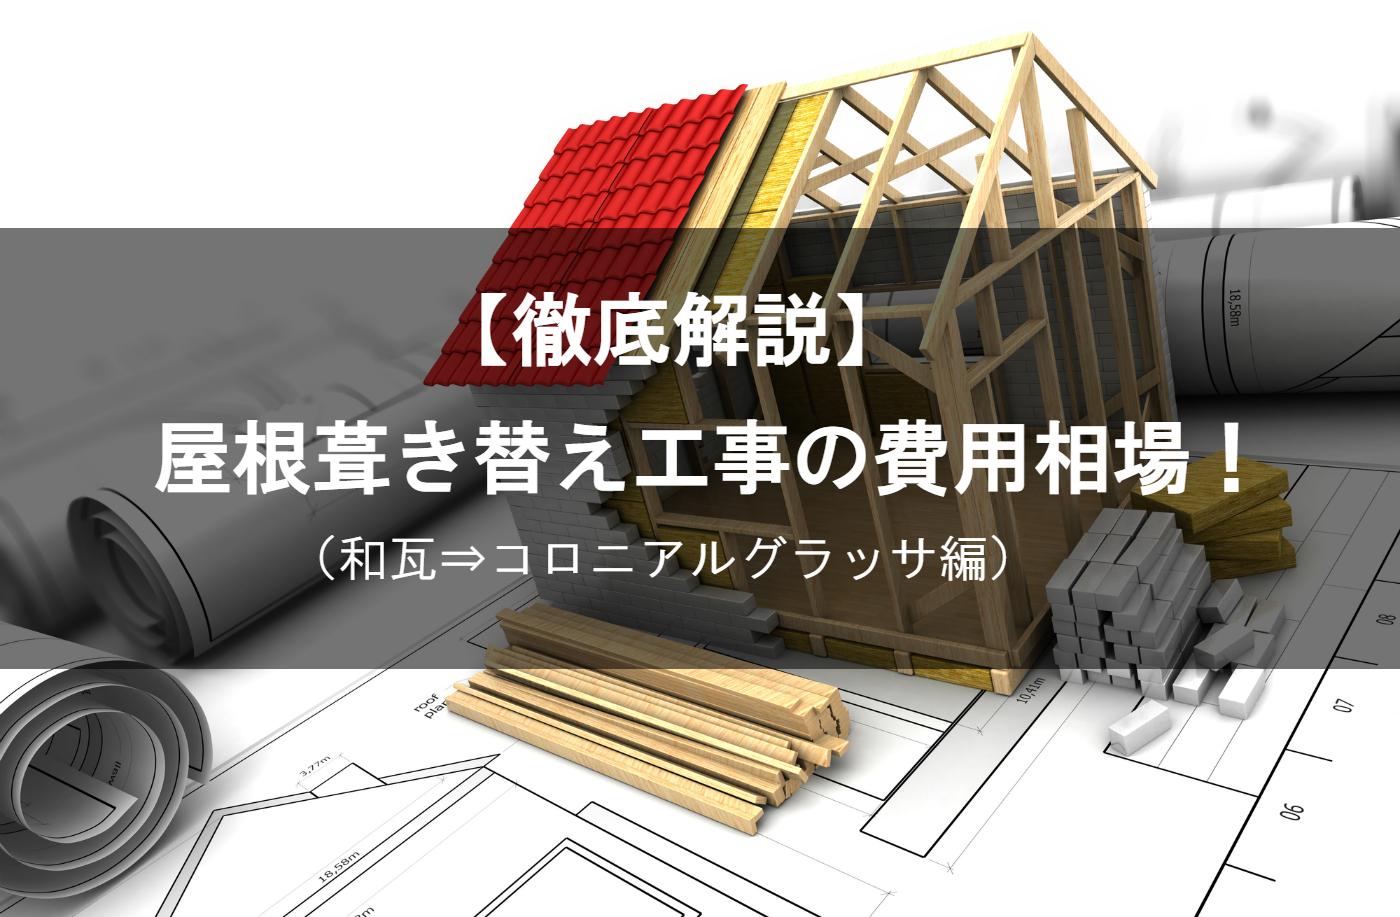 葺き替え工事の施工費用を徹底解説